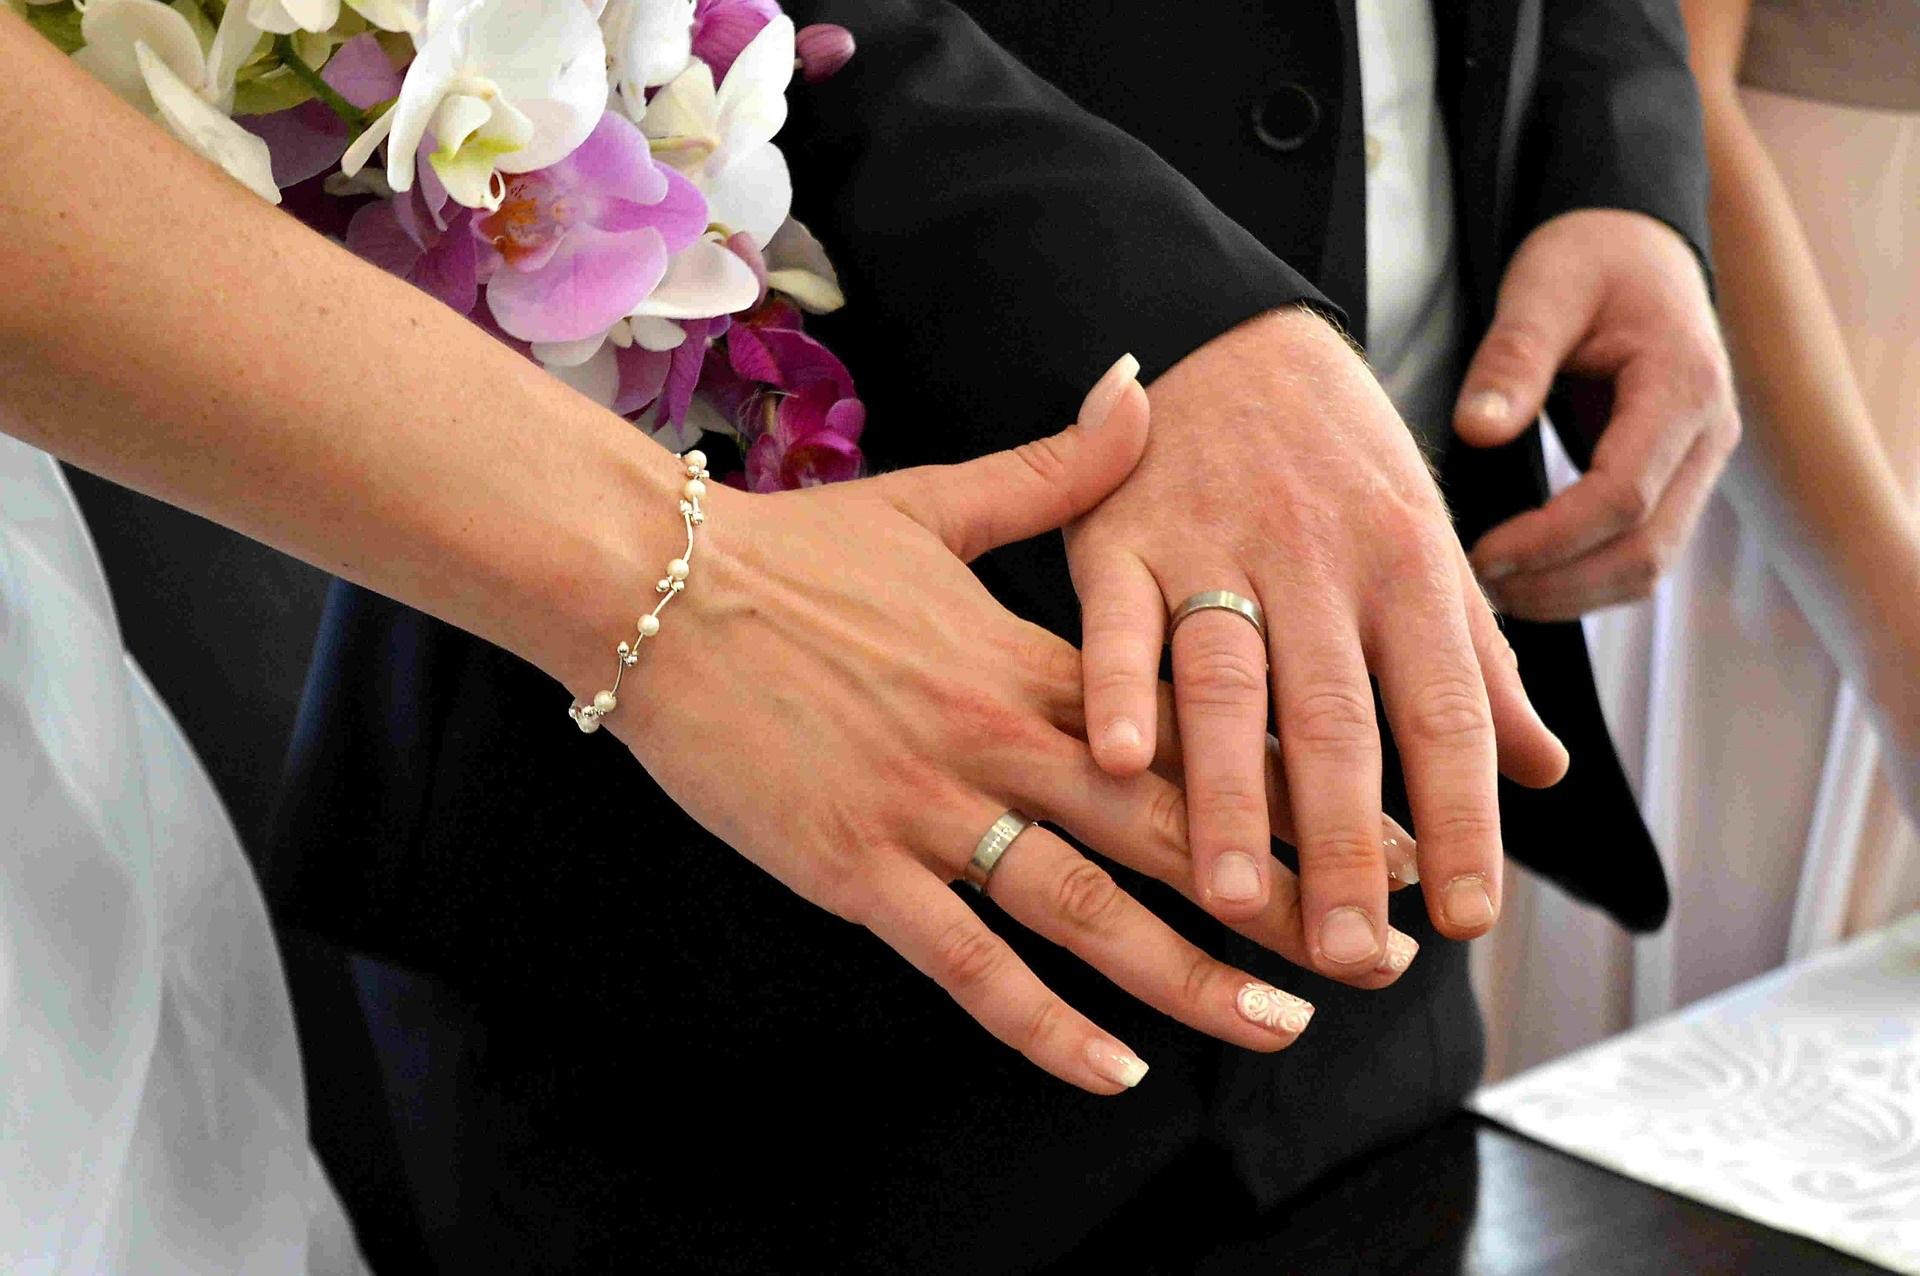 Matrimonio o convivenza? Cosa scegliere, cosa cambia, pro e contro